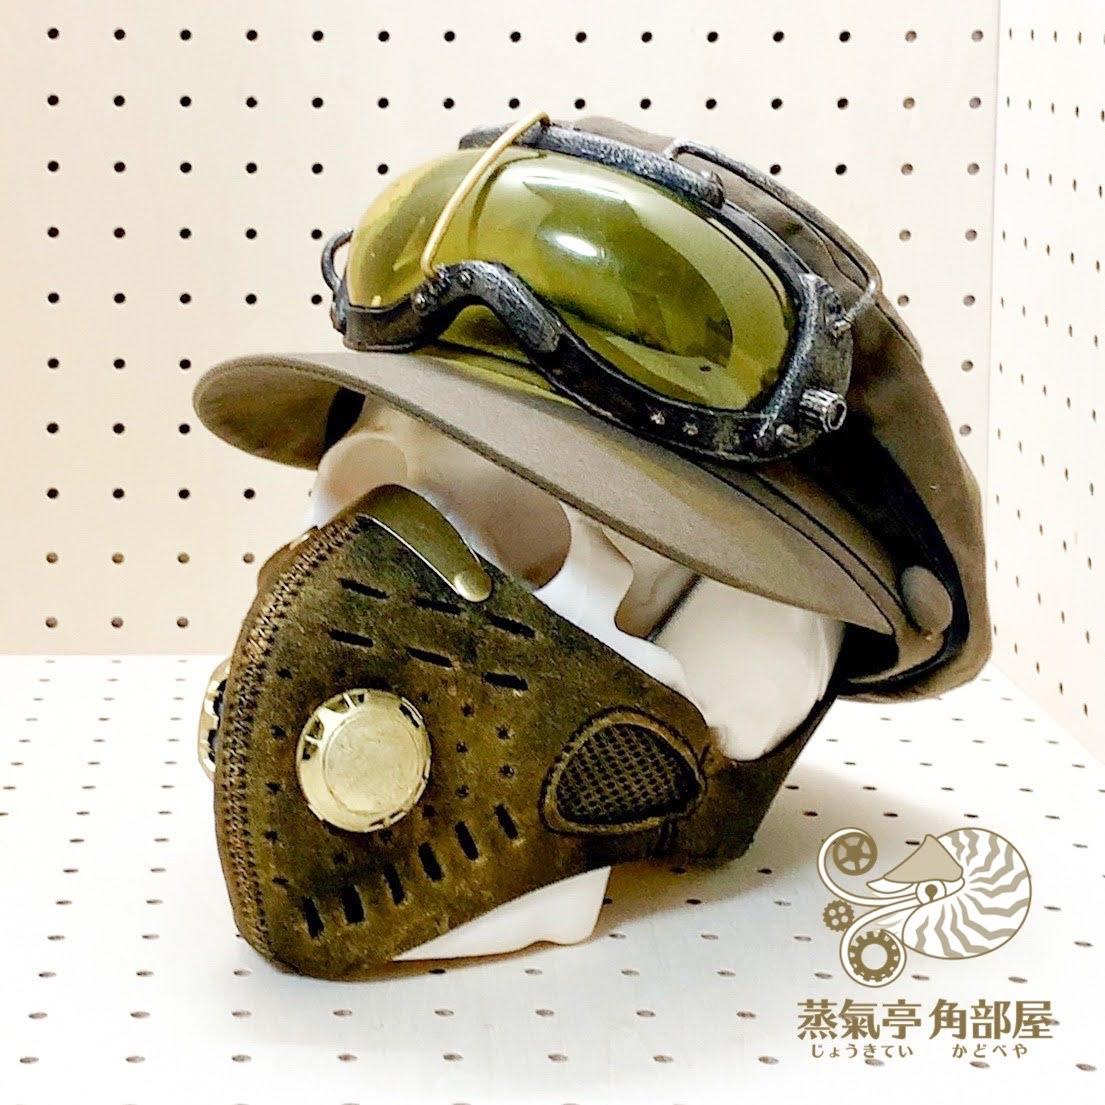 これでどこでも冒険にいけるスチームパンクマスク